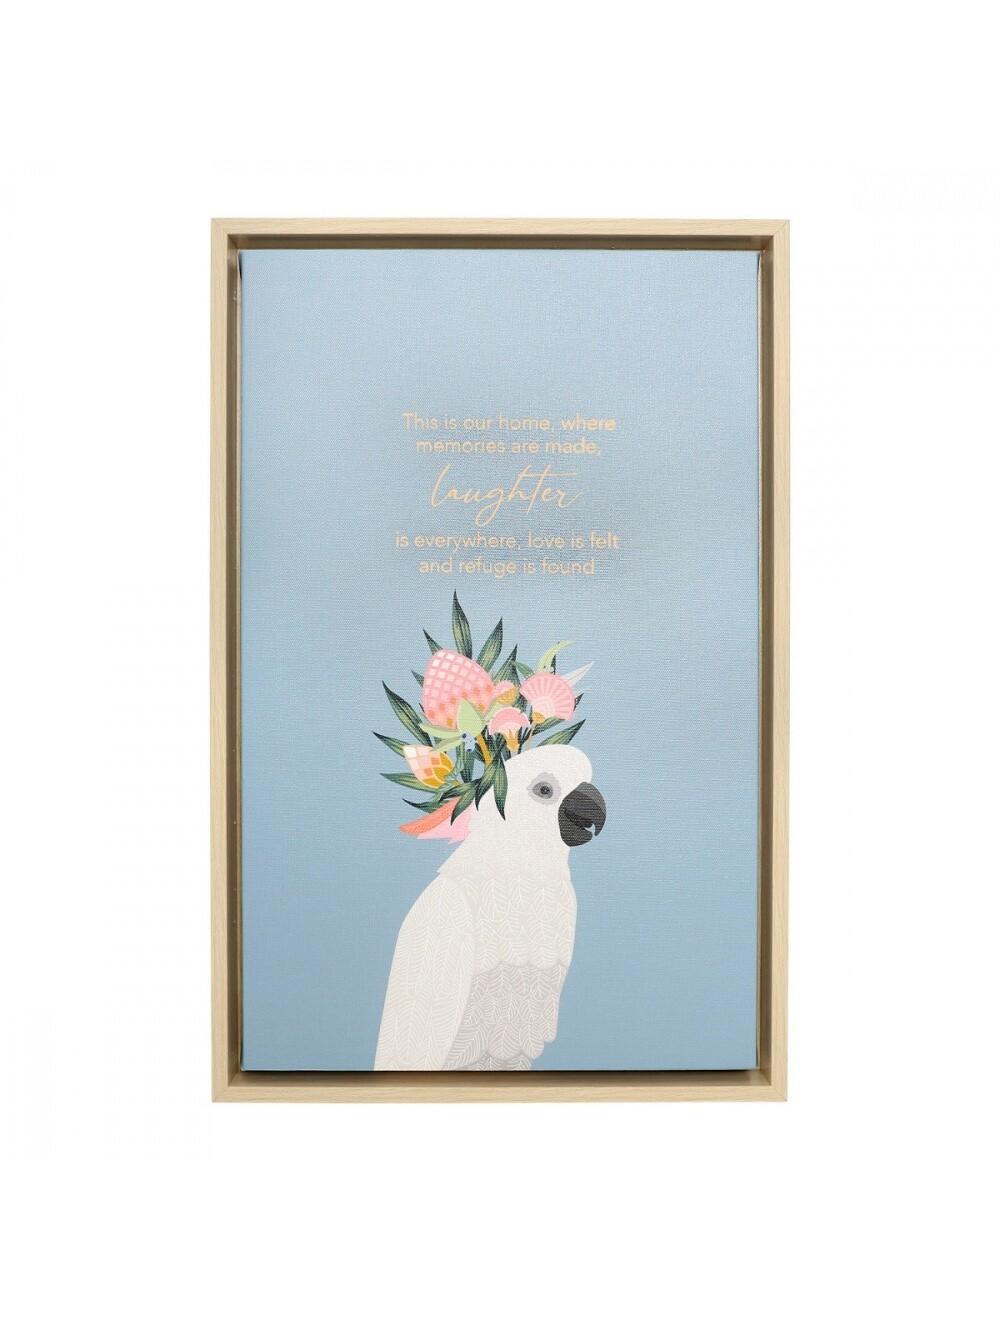 Botanica Laughter Framed Canvas